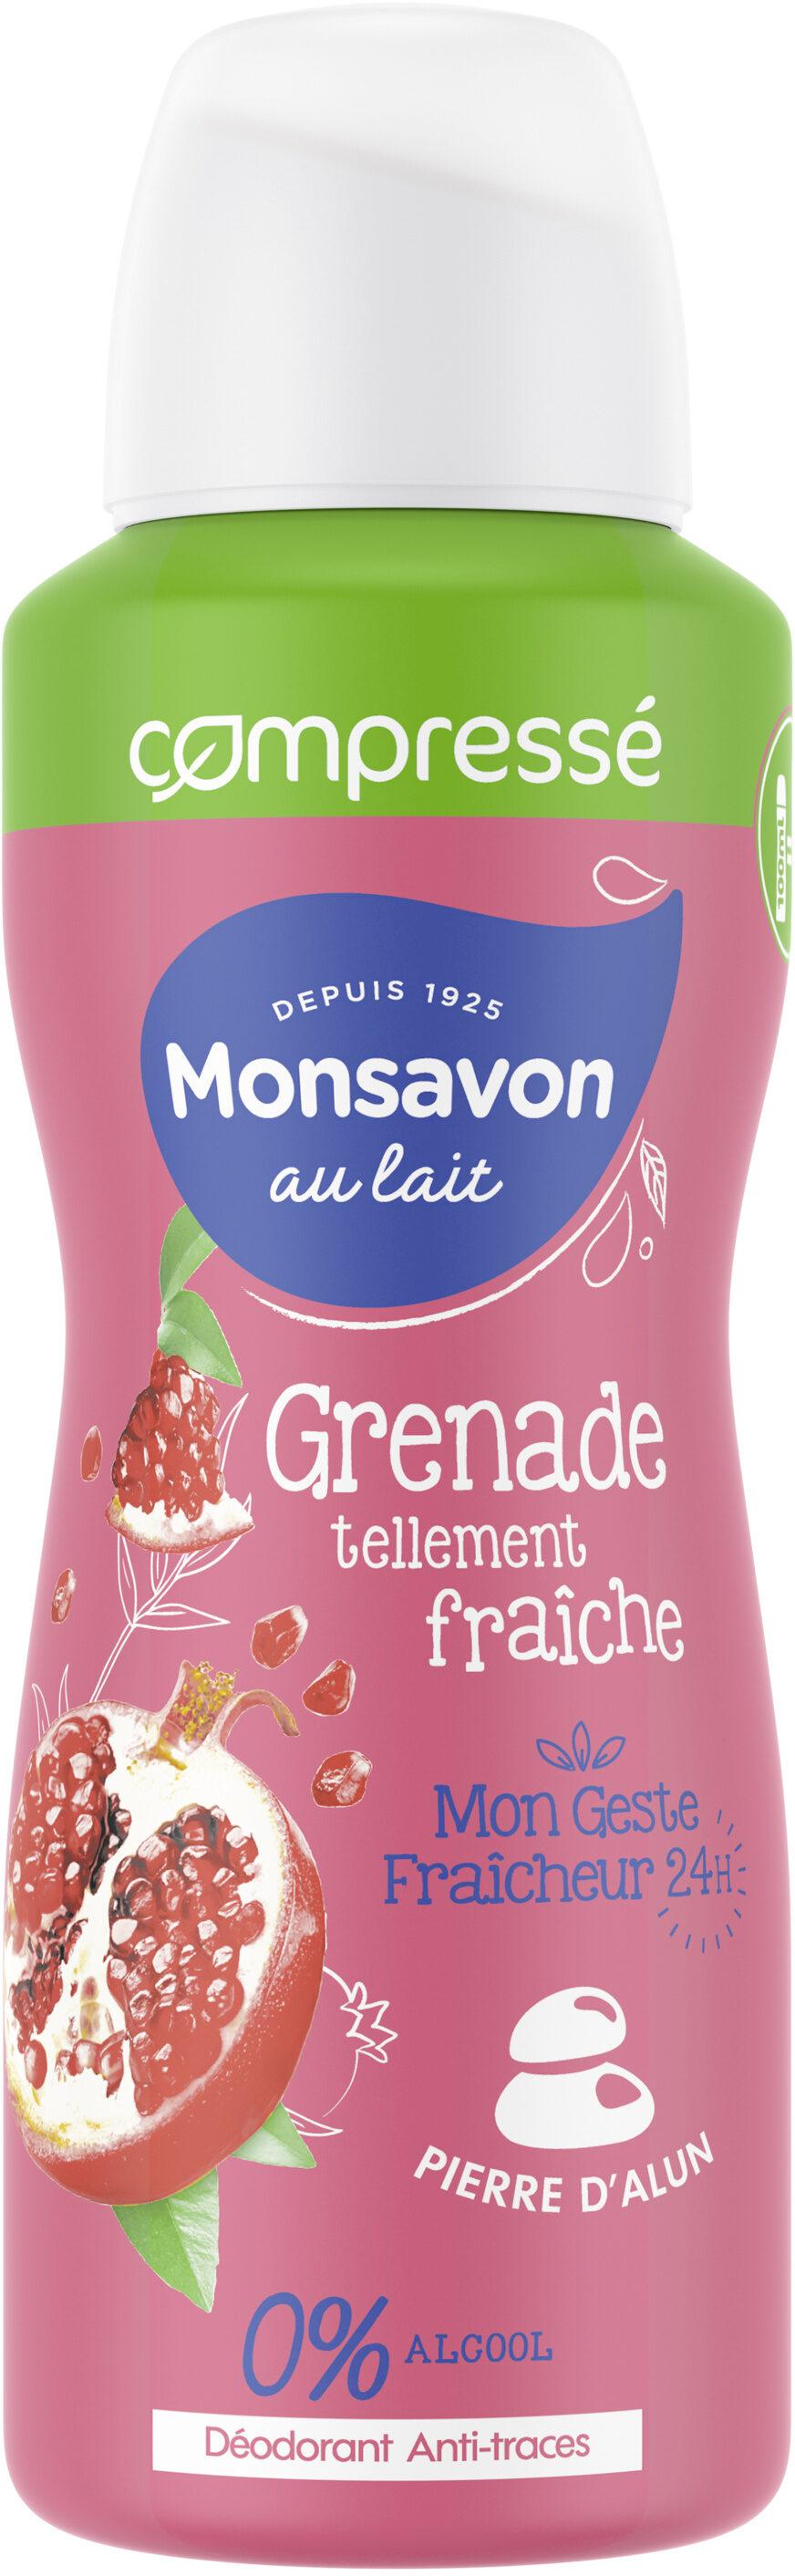 Monsavon Déodorant Femme Spray Antibactérien Pierre d'Alun Lait Grenade & Hibiscus - Product - fr